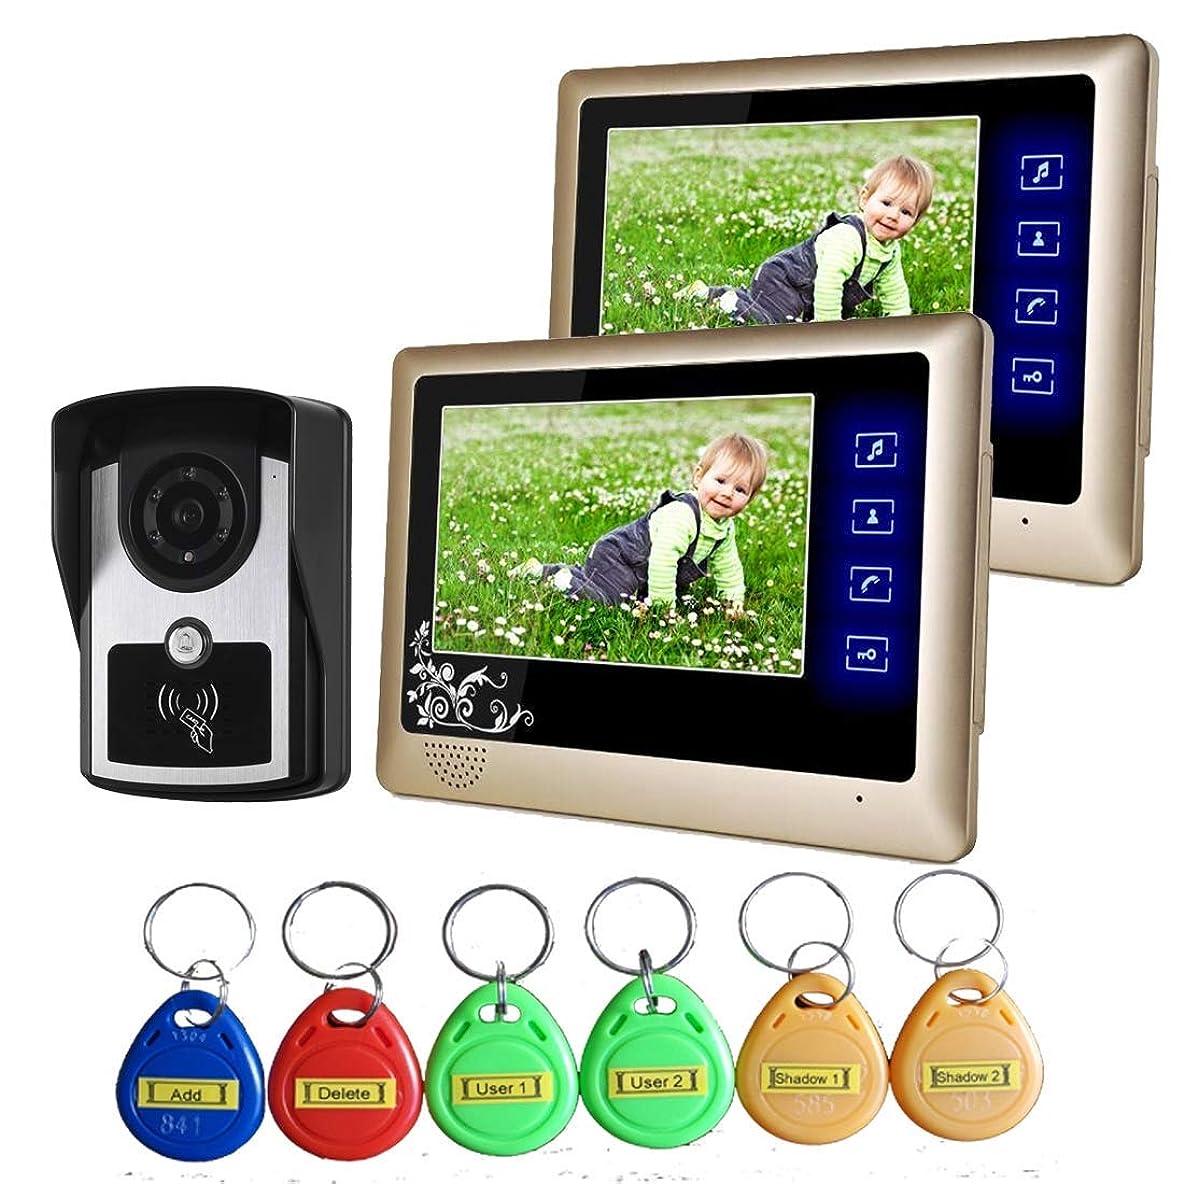 黒板適応する土ビデオインターホンドアベル、ケーブル付きビデオドアベル、7インチドアベルのアクセス管理システム、IDカードと室内装置のロック解除、防水ナイトビジョン、ファミリー/ヴィラ用,B